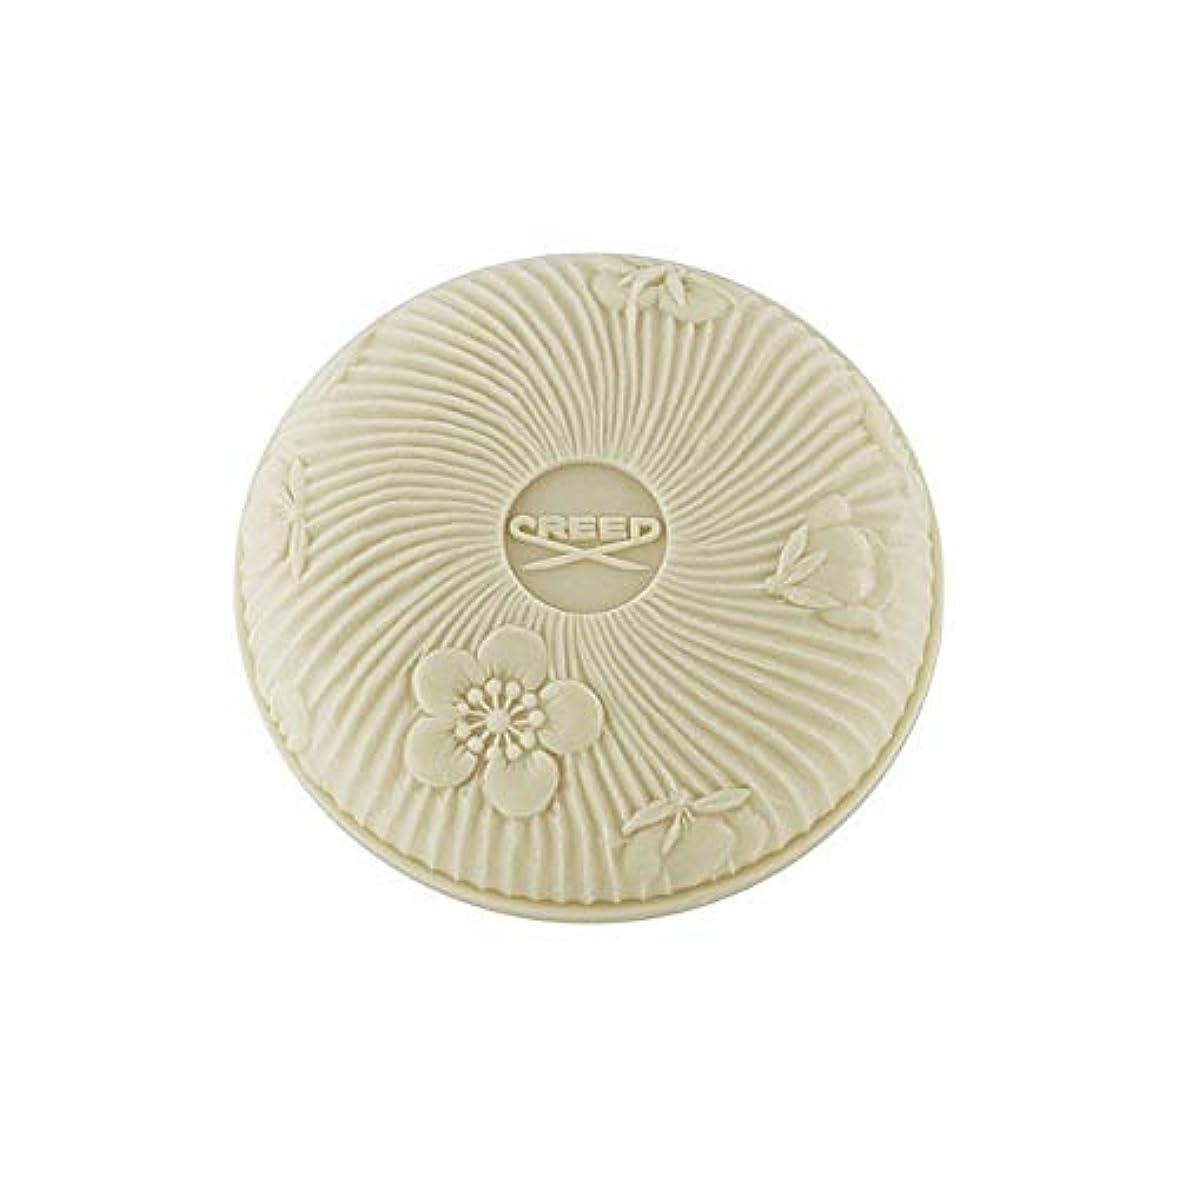 追跡栄養材料[Creed ] 白い石鹸150グラムで信条愛 - Creed Love In White Soap 150G [並行輸入品]